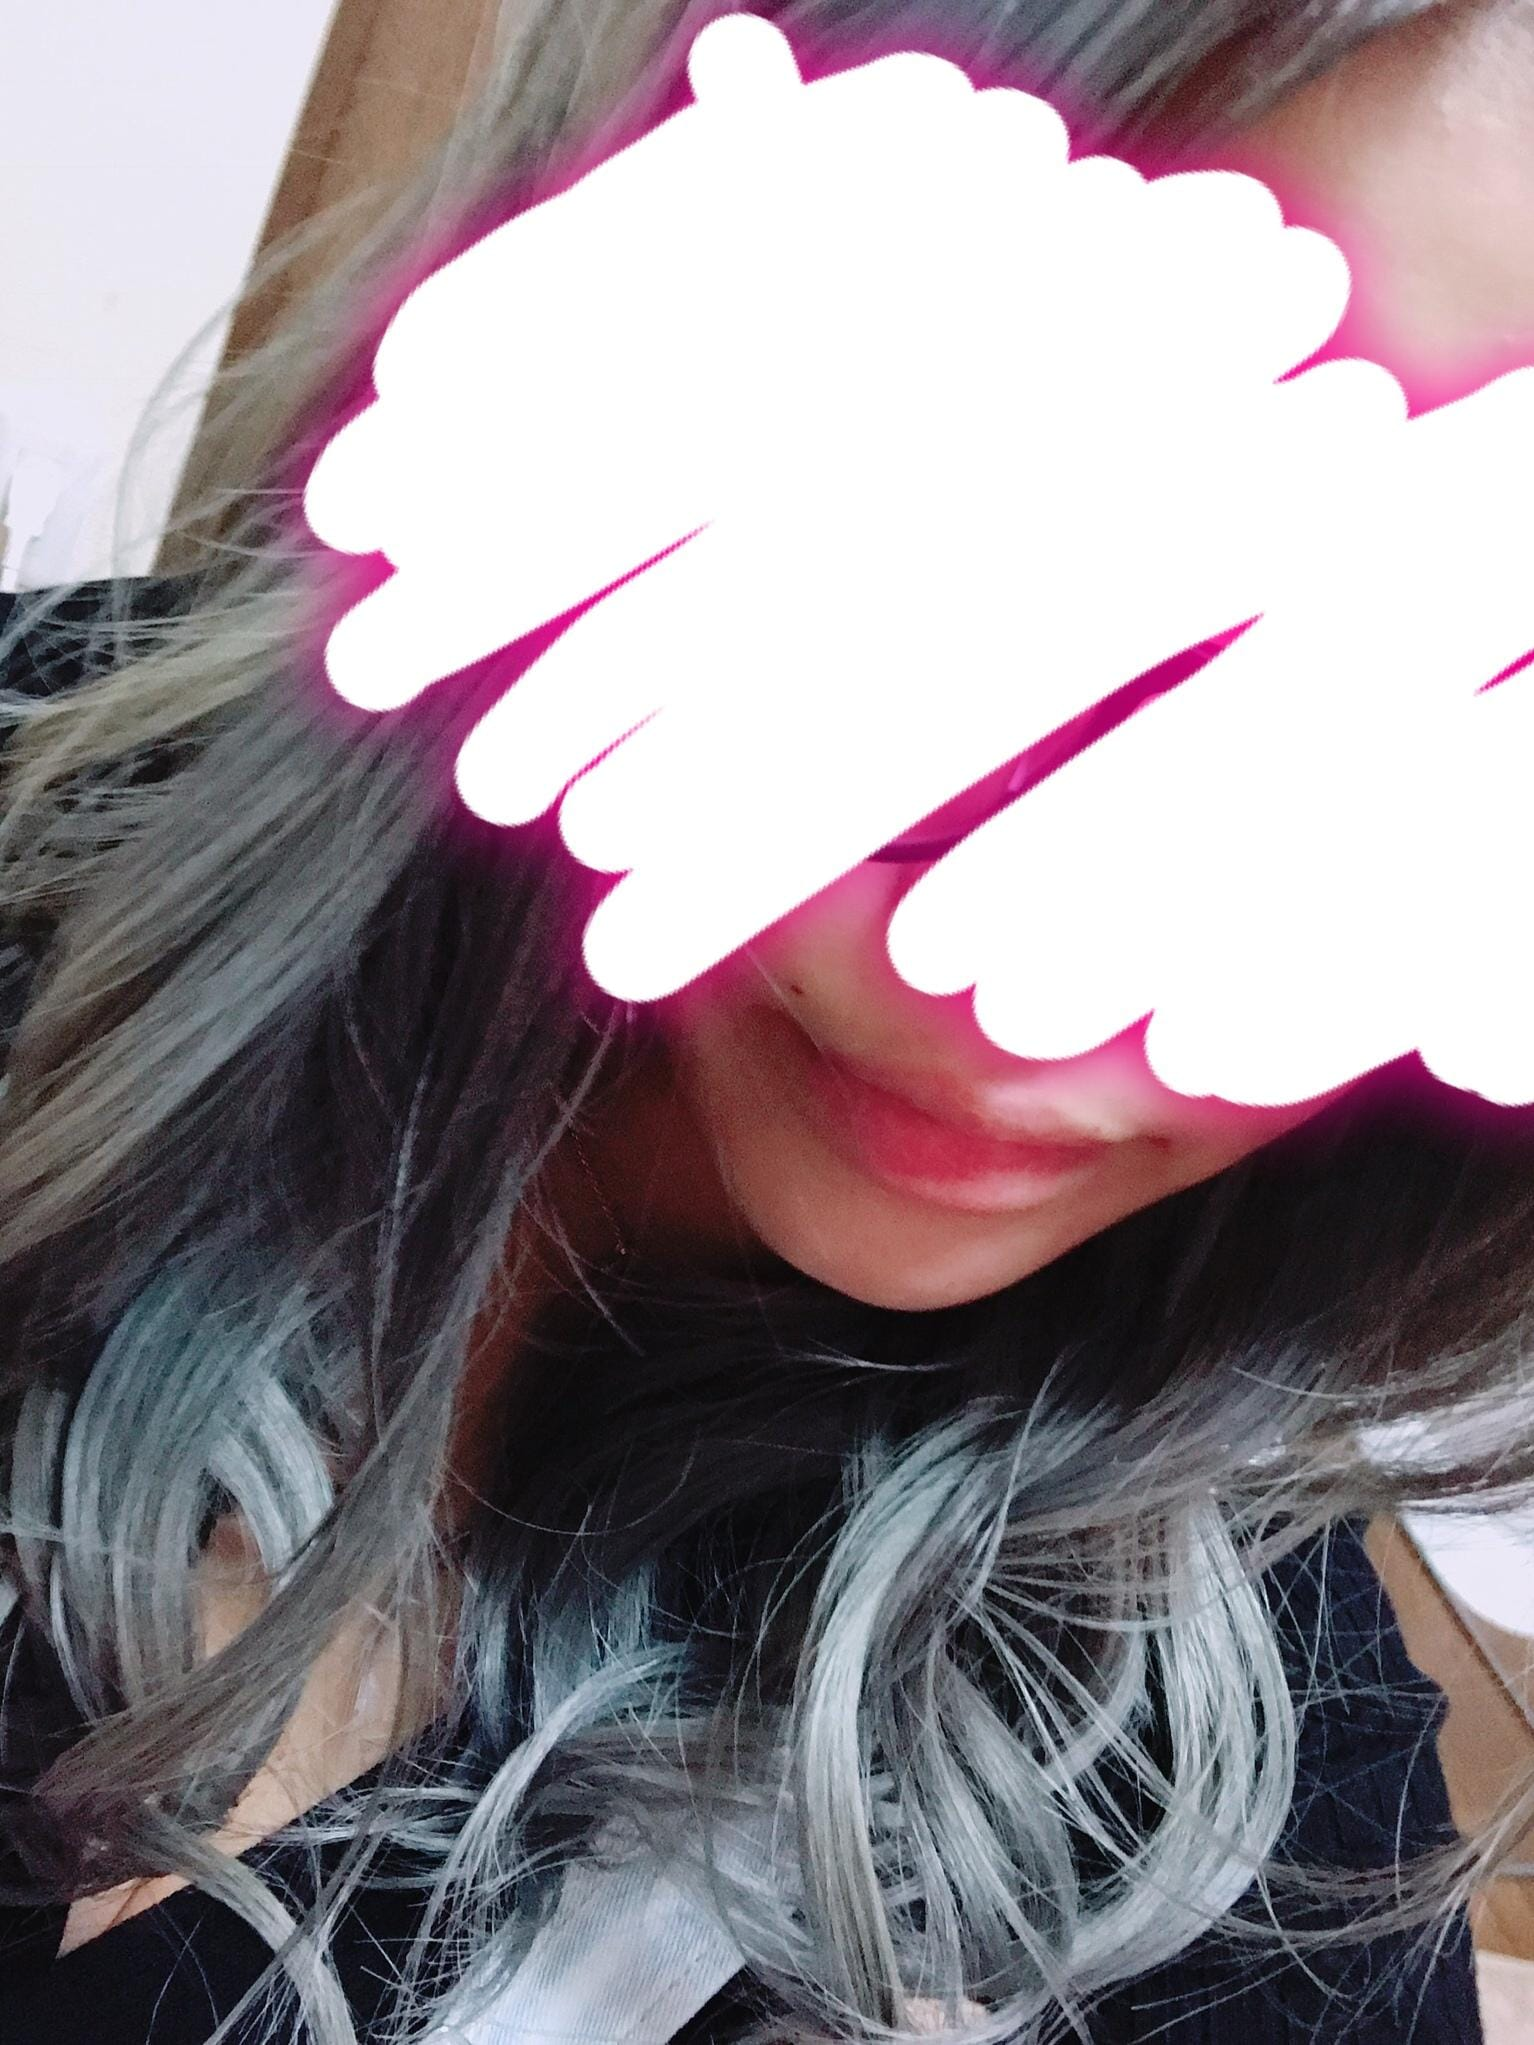 「お礼♡」06/11(06/11) 17:21 | るるの写メ・風俗動画